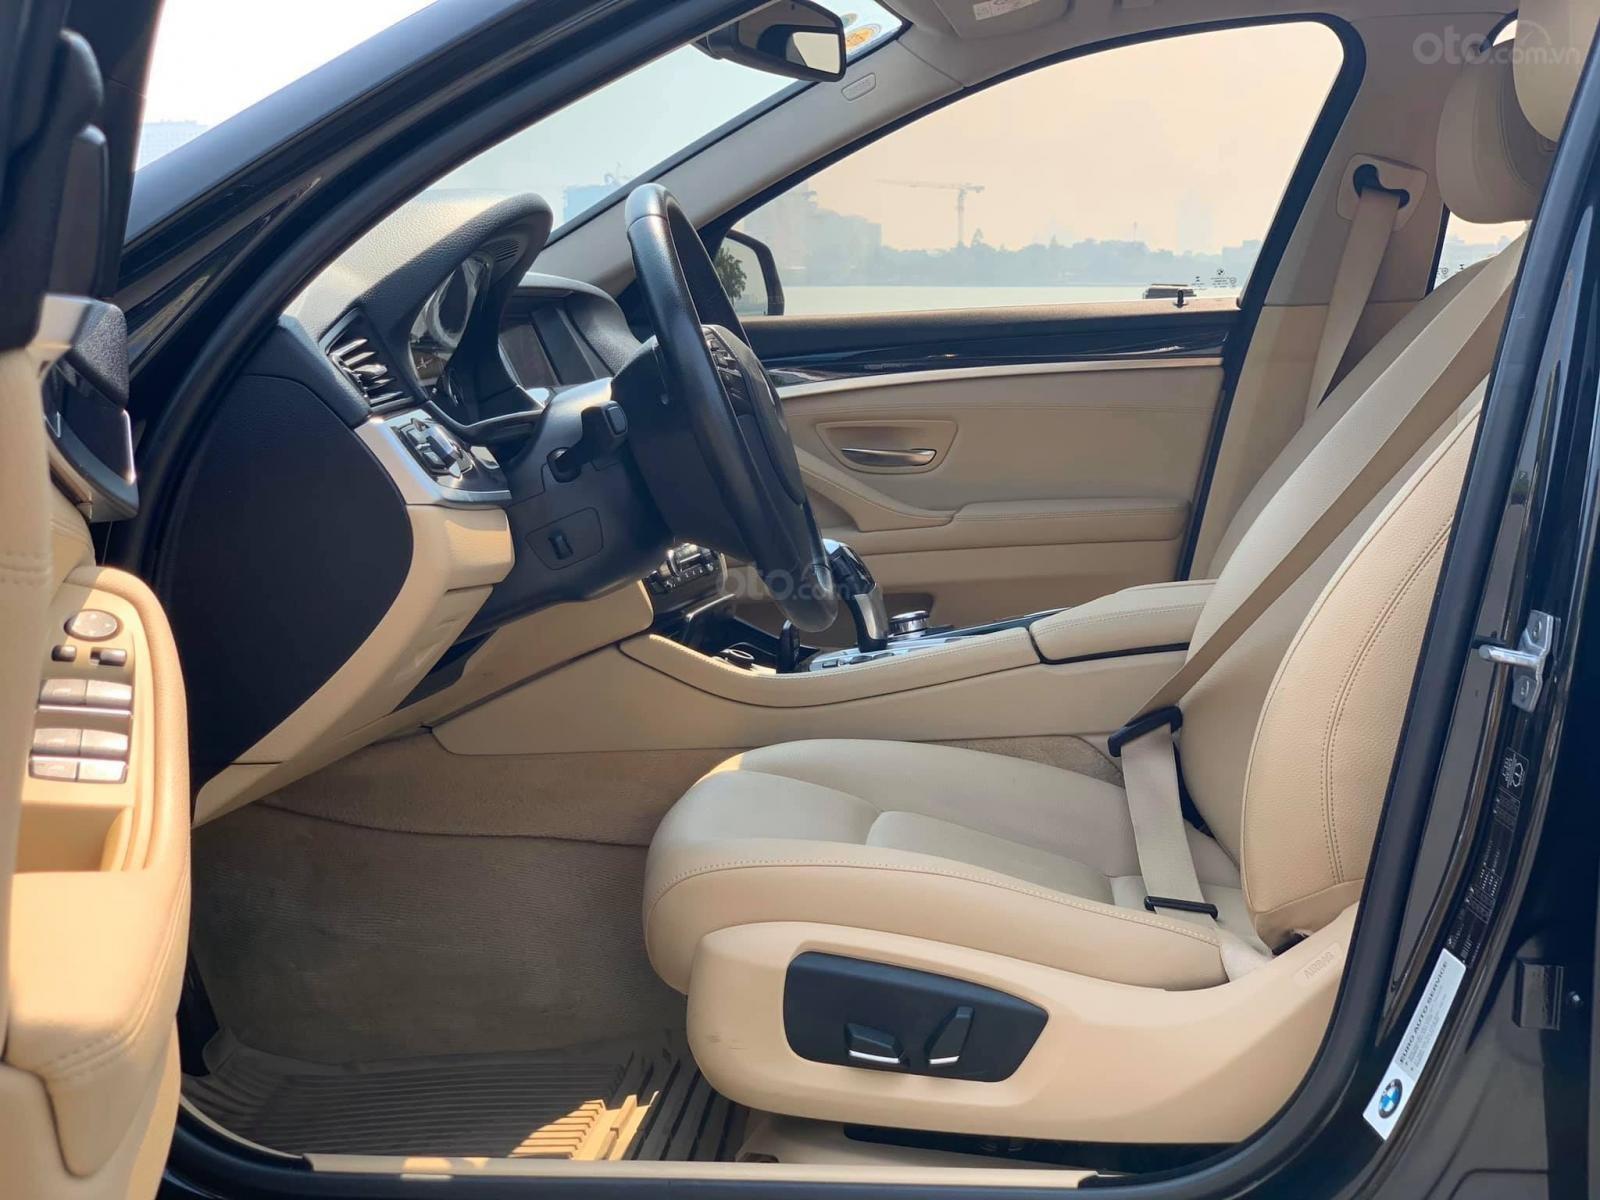 Bán xe BMW 520i đời 2014, màu đen, nhập khẩu (4)